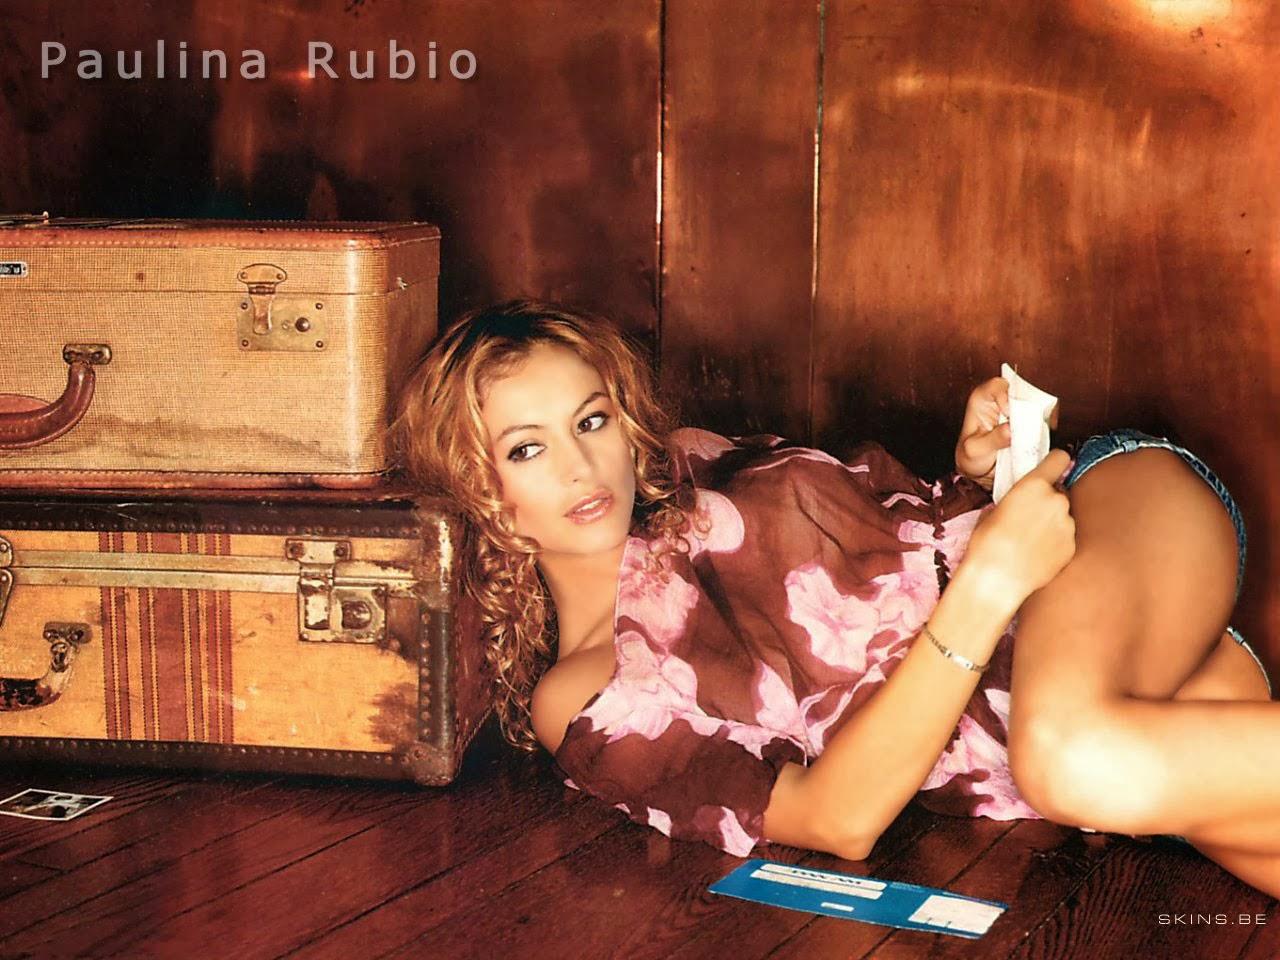 from Brayden paulina rubio nude images